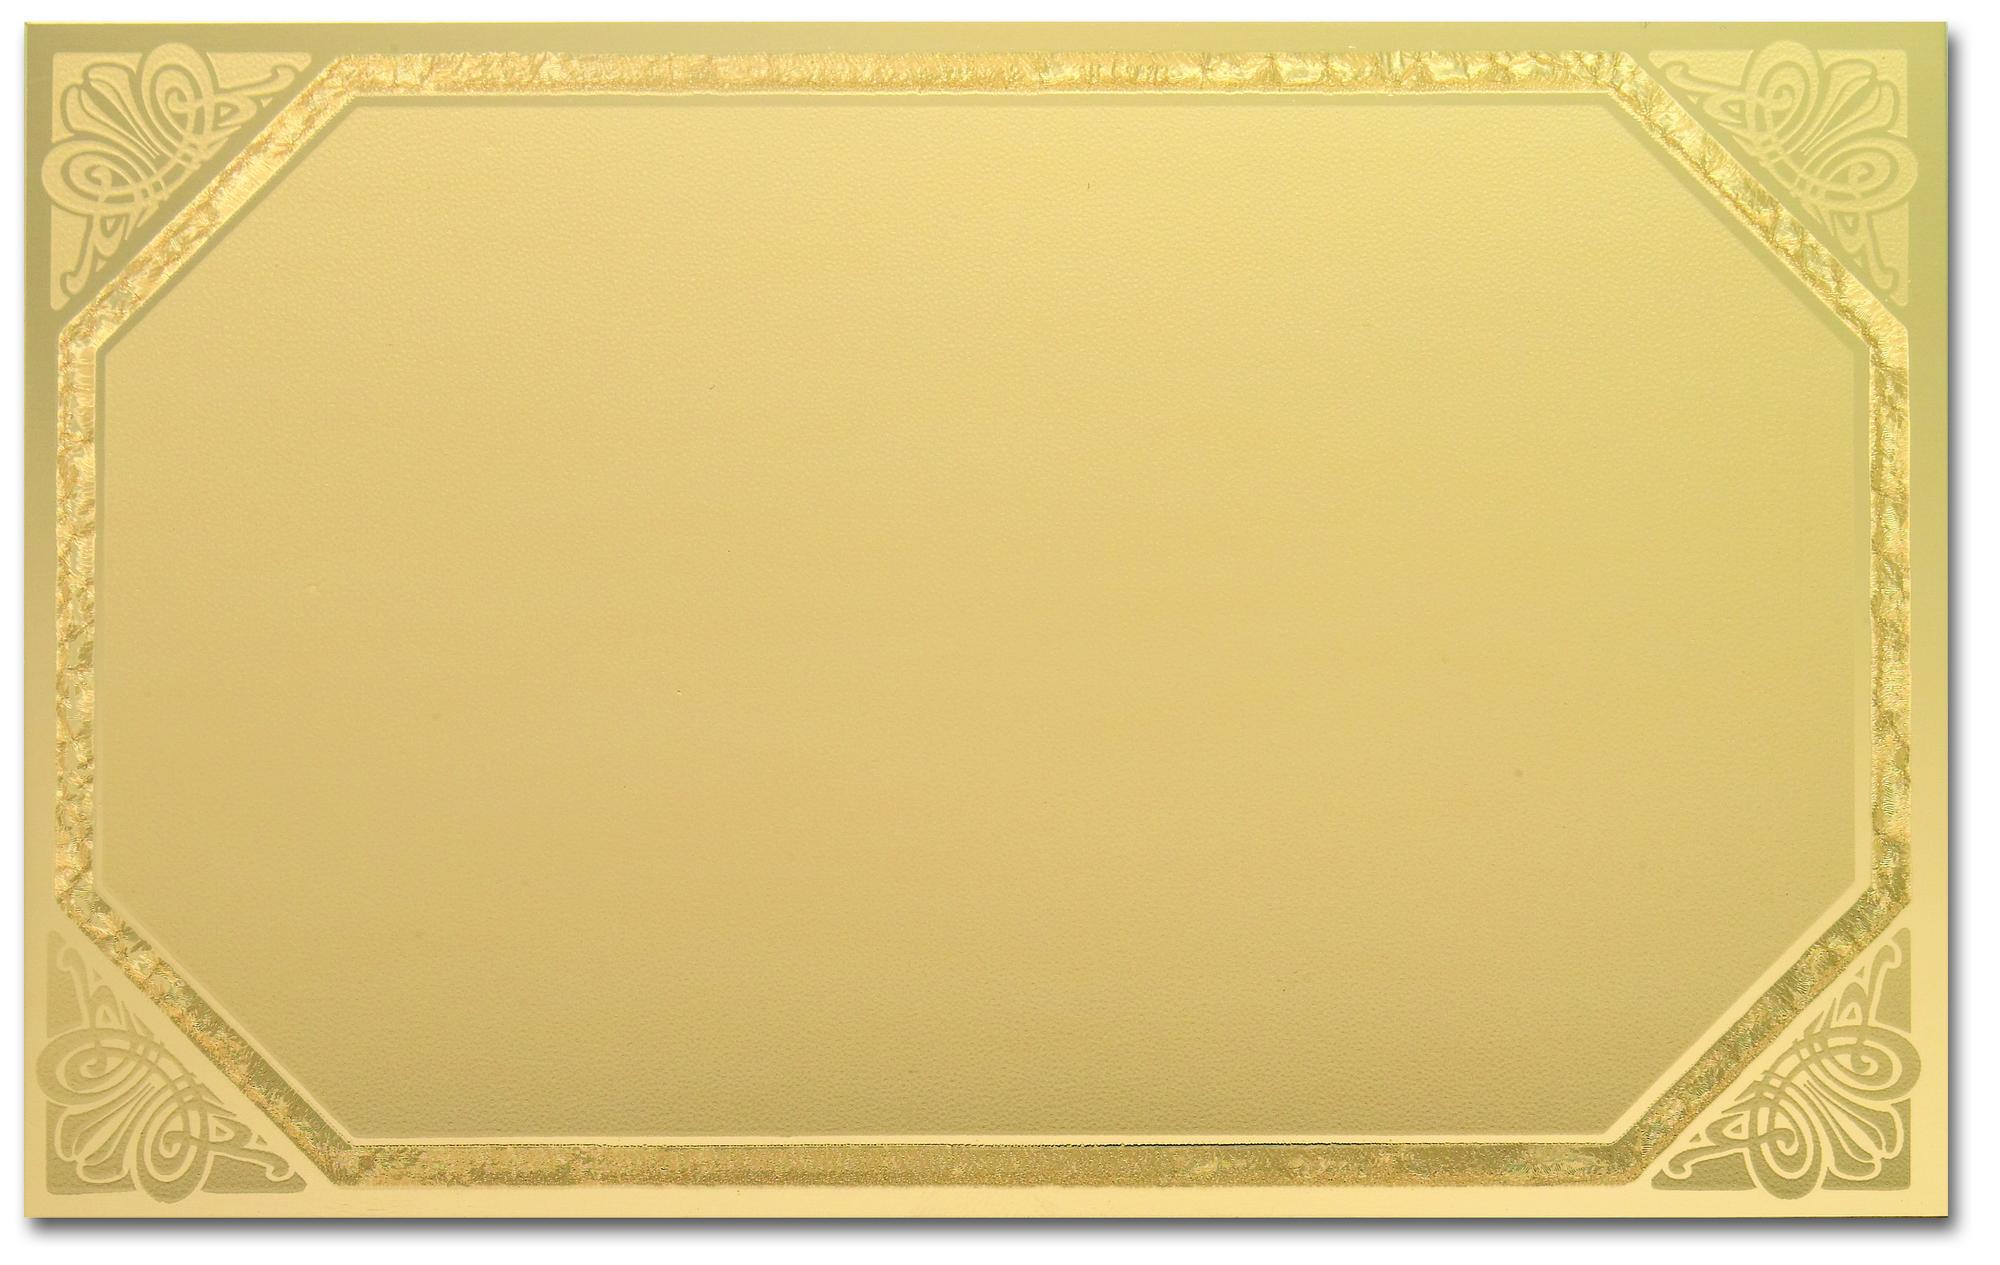 Venta de placa aluminio granada para funeraria placas - Placa de aluminio ...